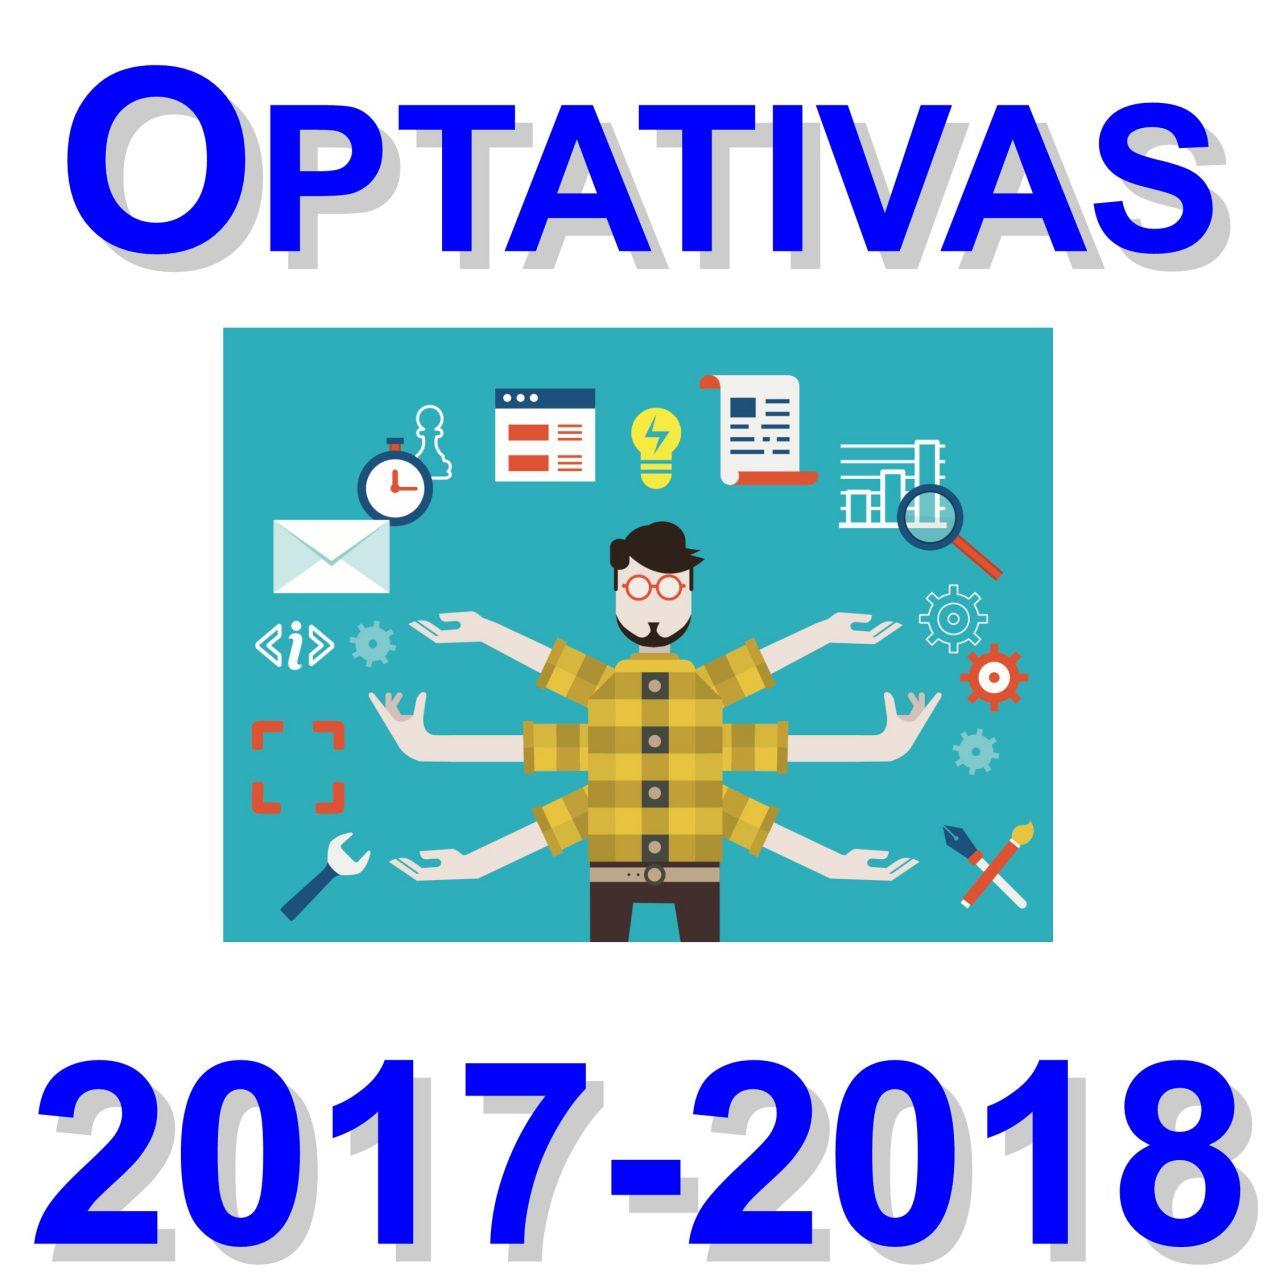 Optativas 17-18